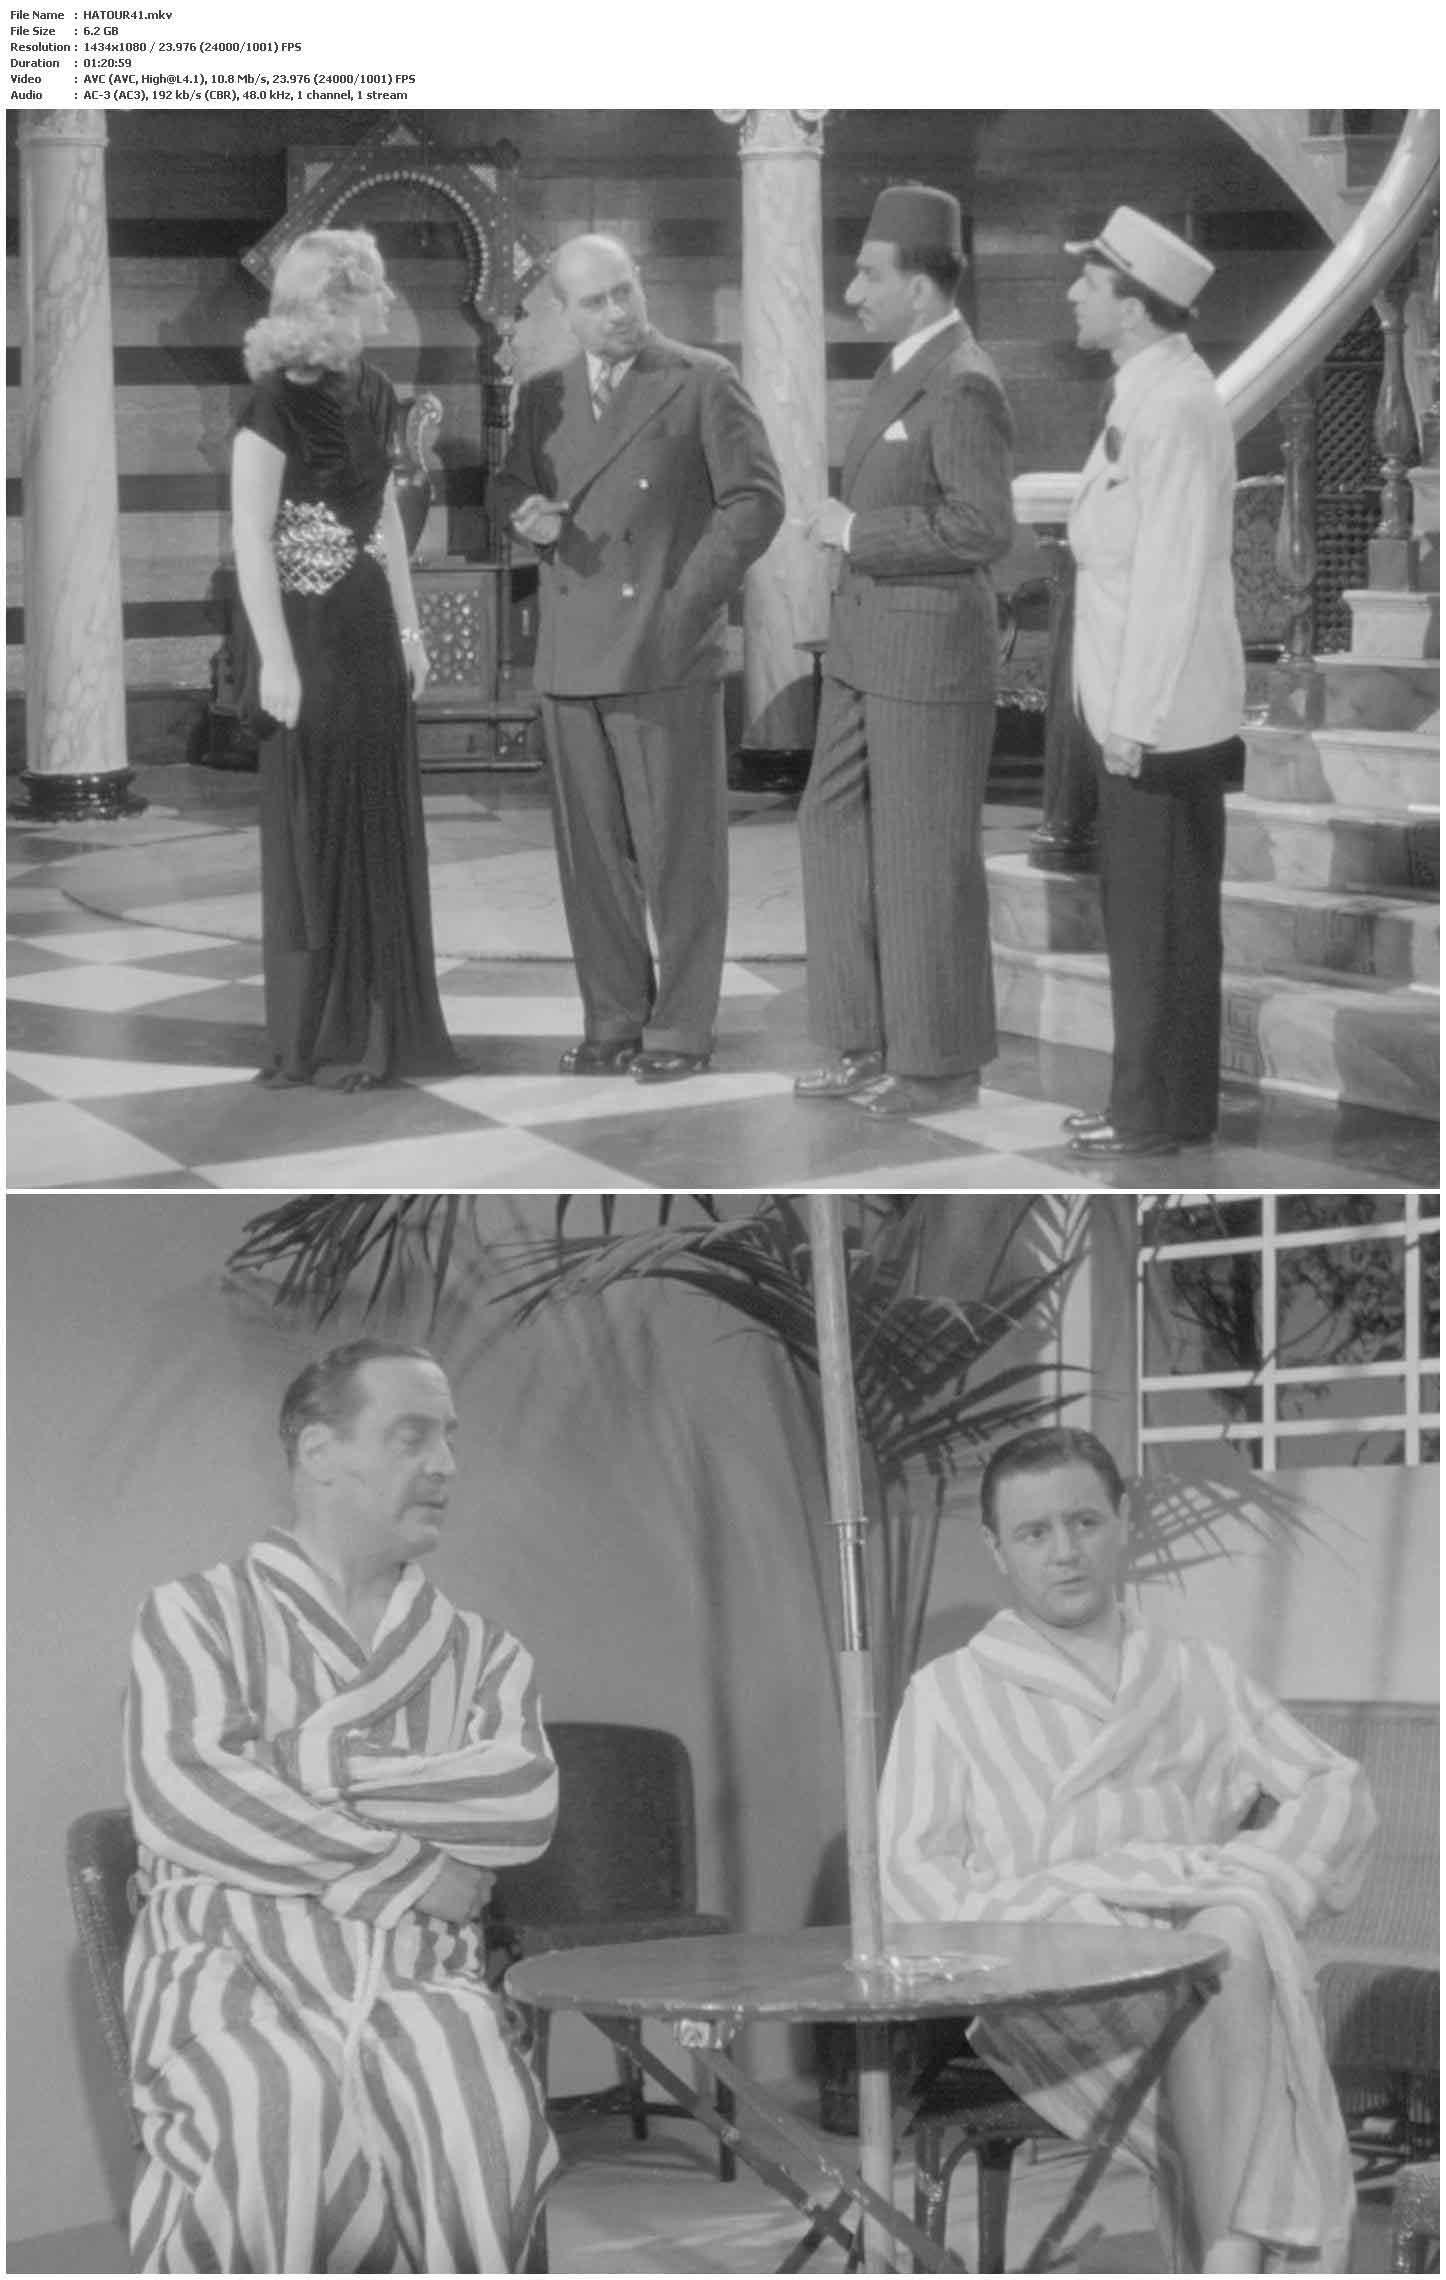 Crook's Tour (1940)